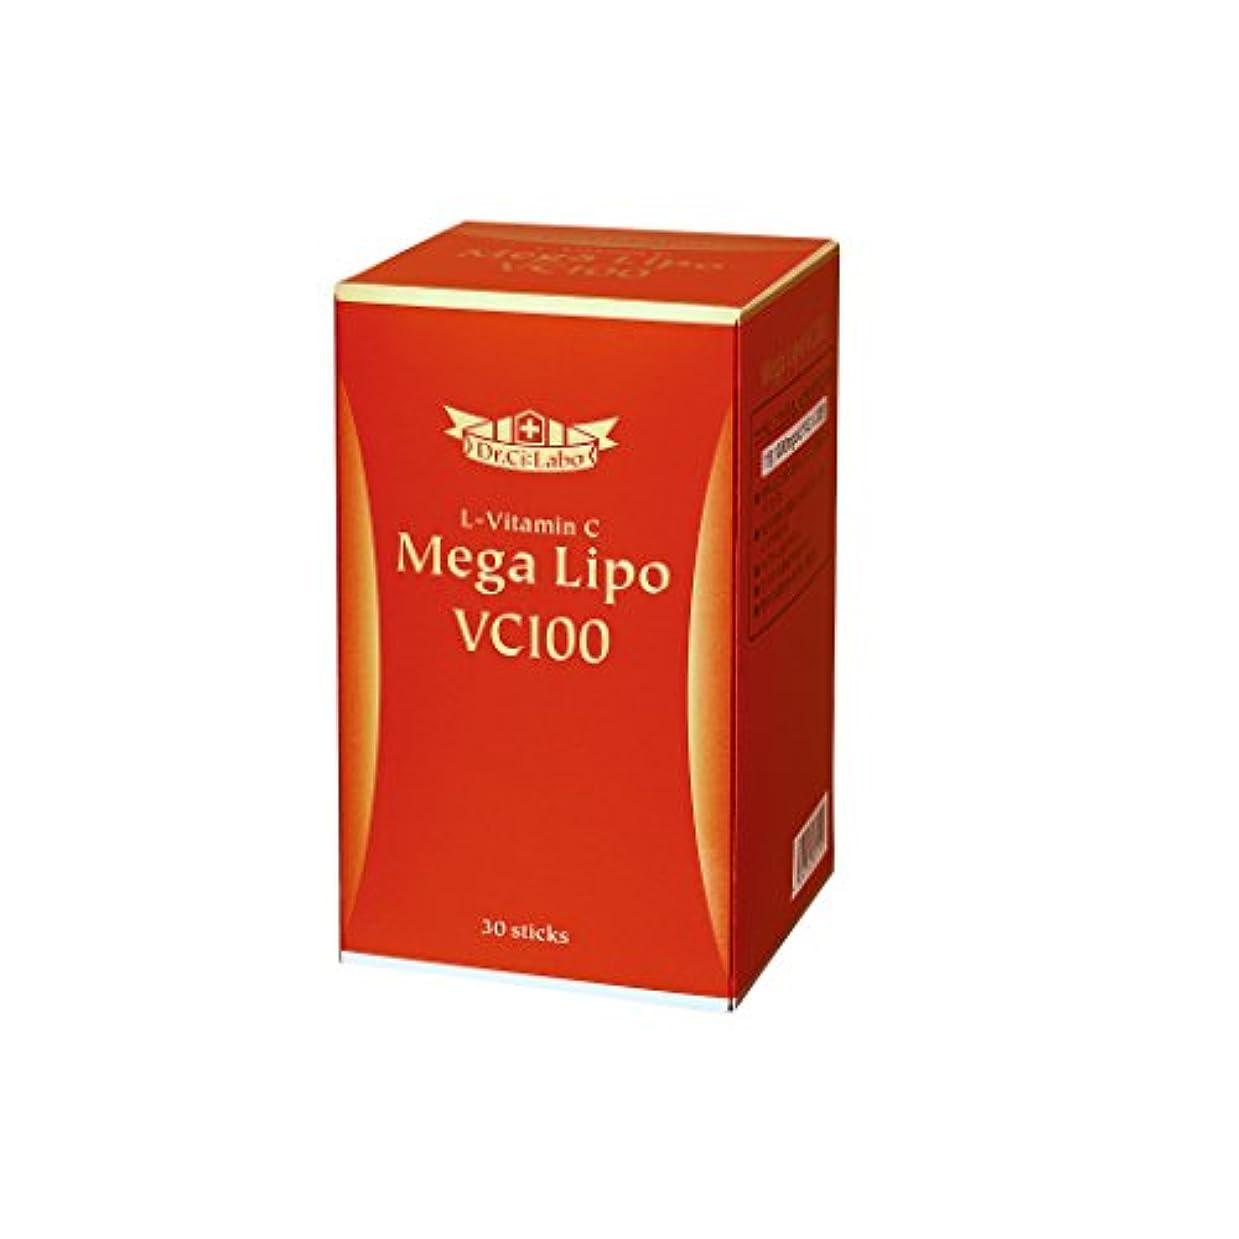 表示勉強するシェアドクターシーラボ メガリポVC100 2.8g×30包 美容サプリメント